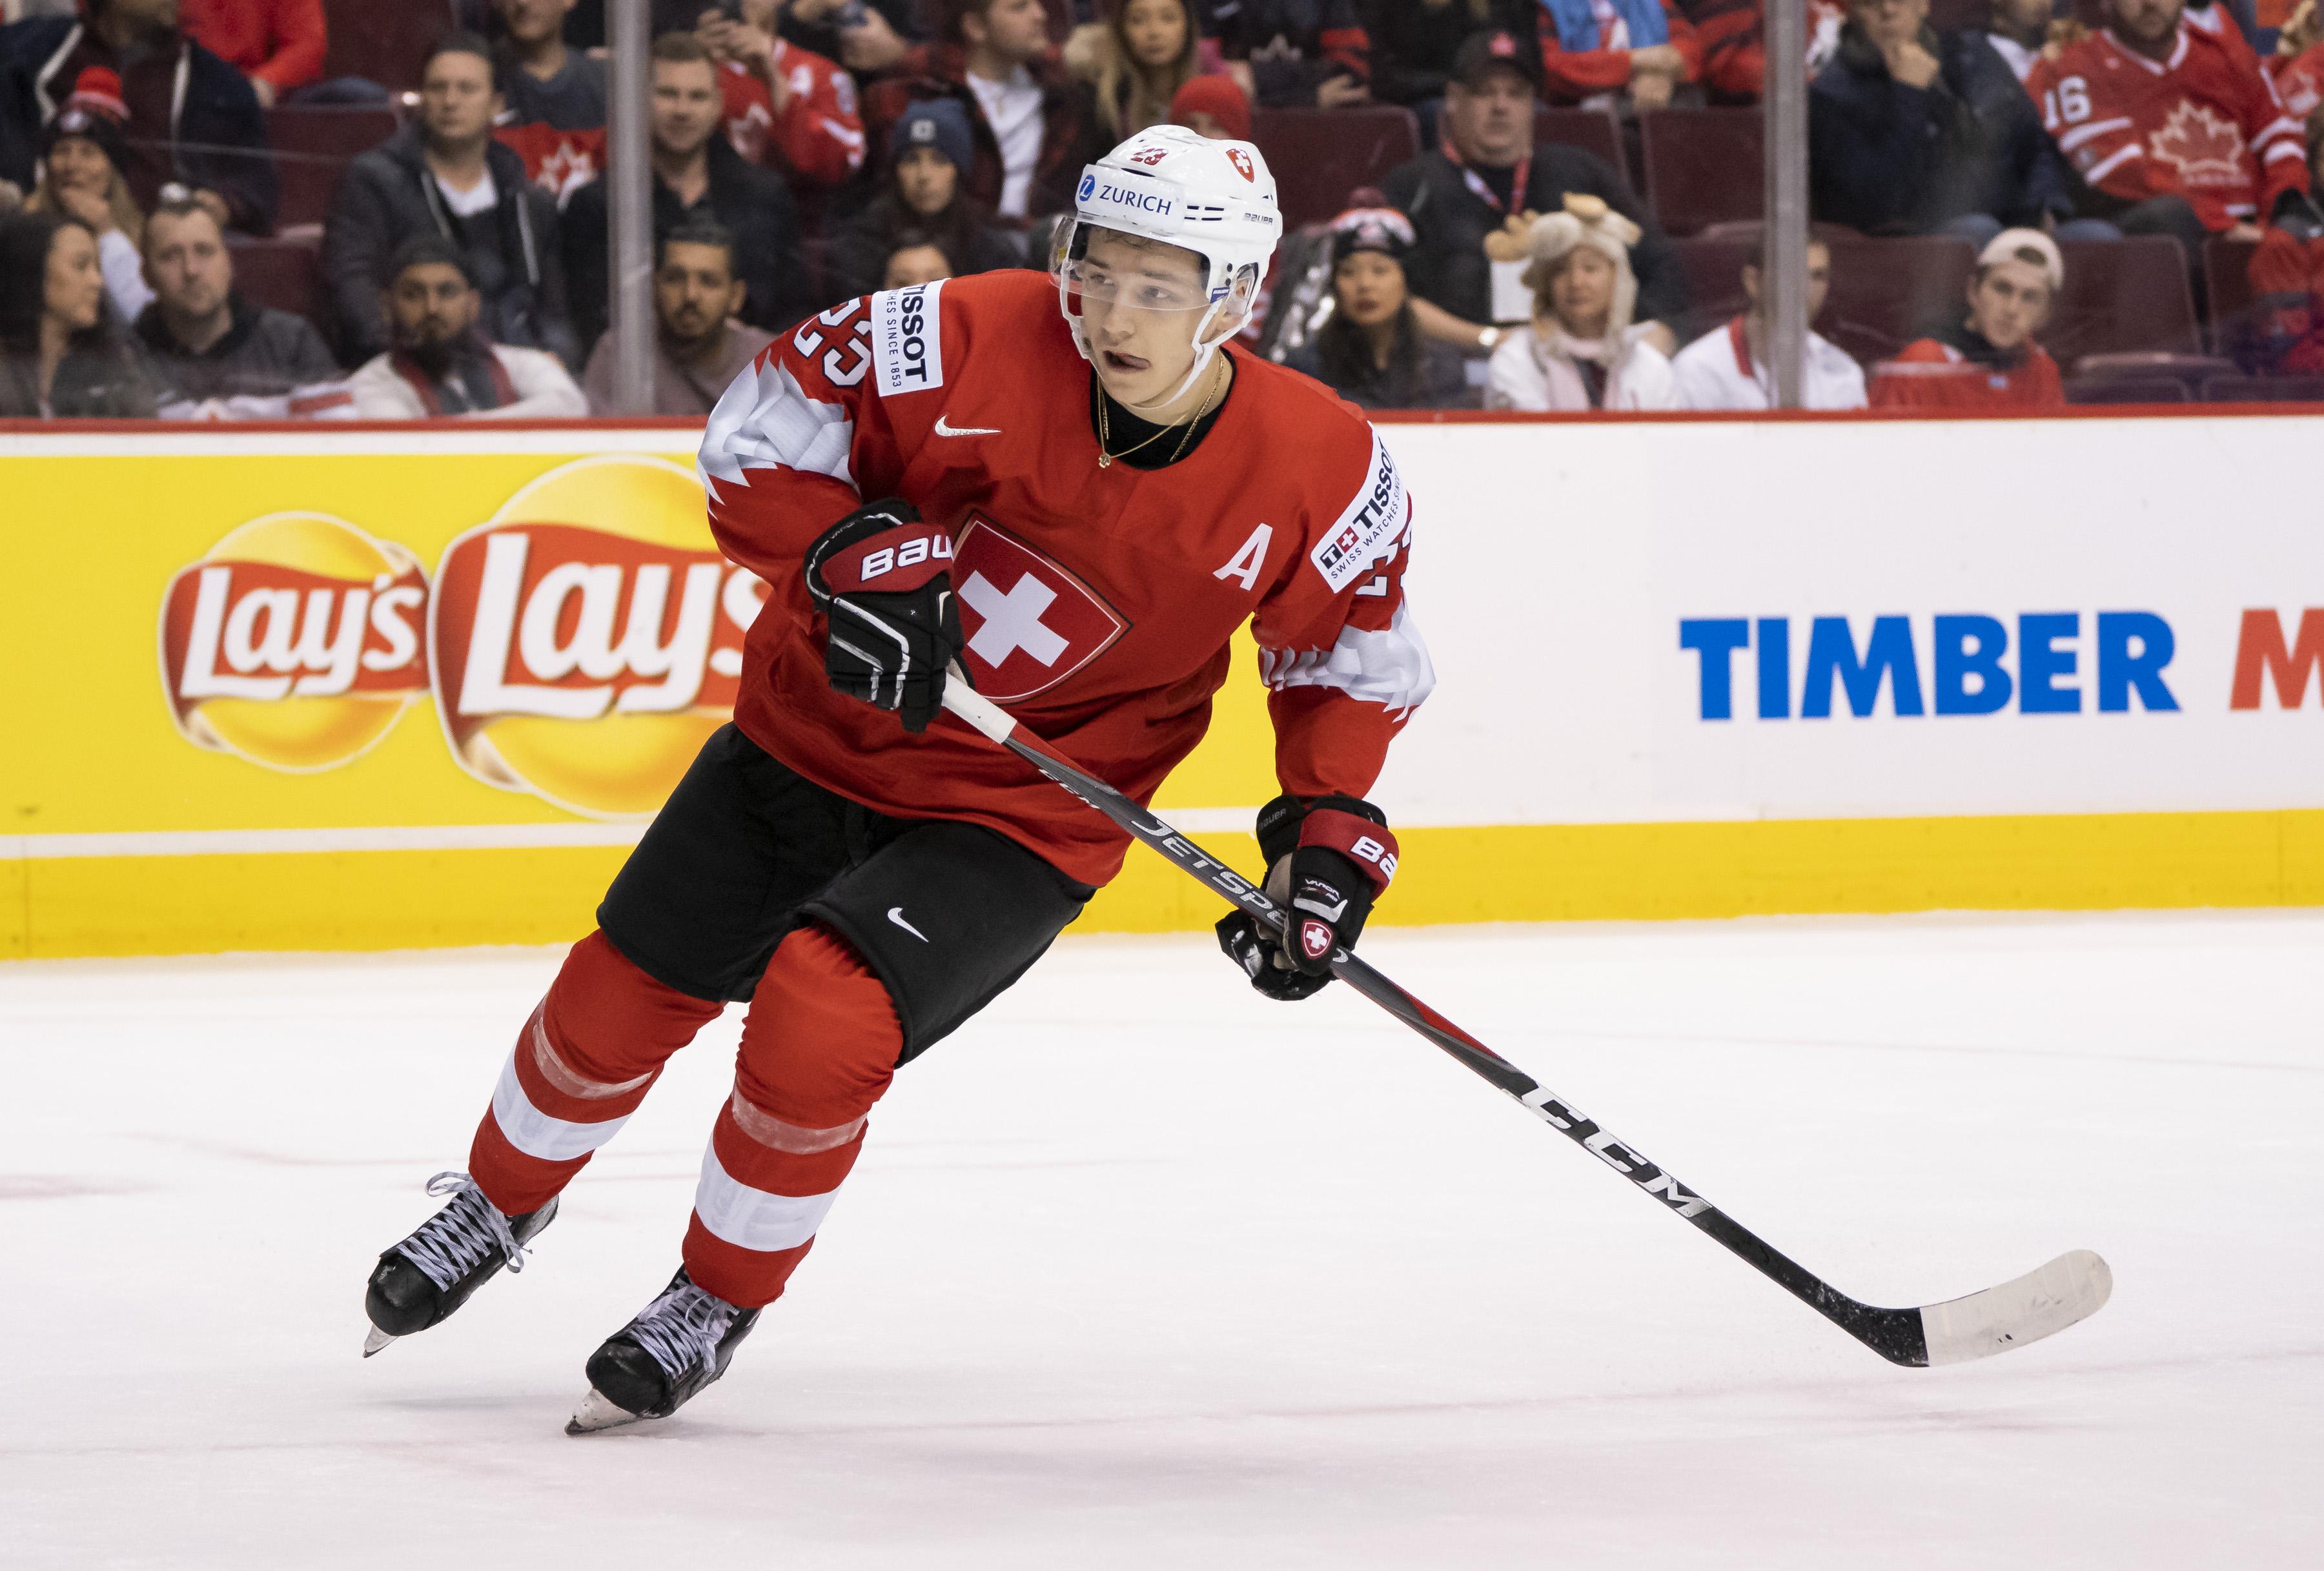 Switzerland v Canada - 2019 IIHF World Junior Championship